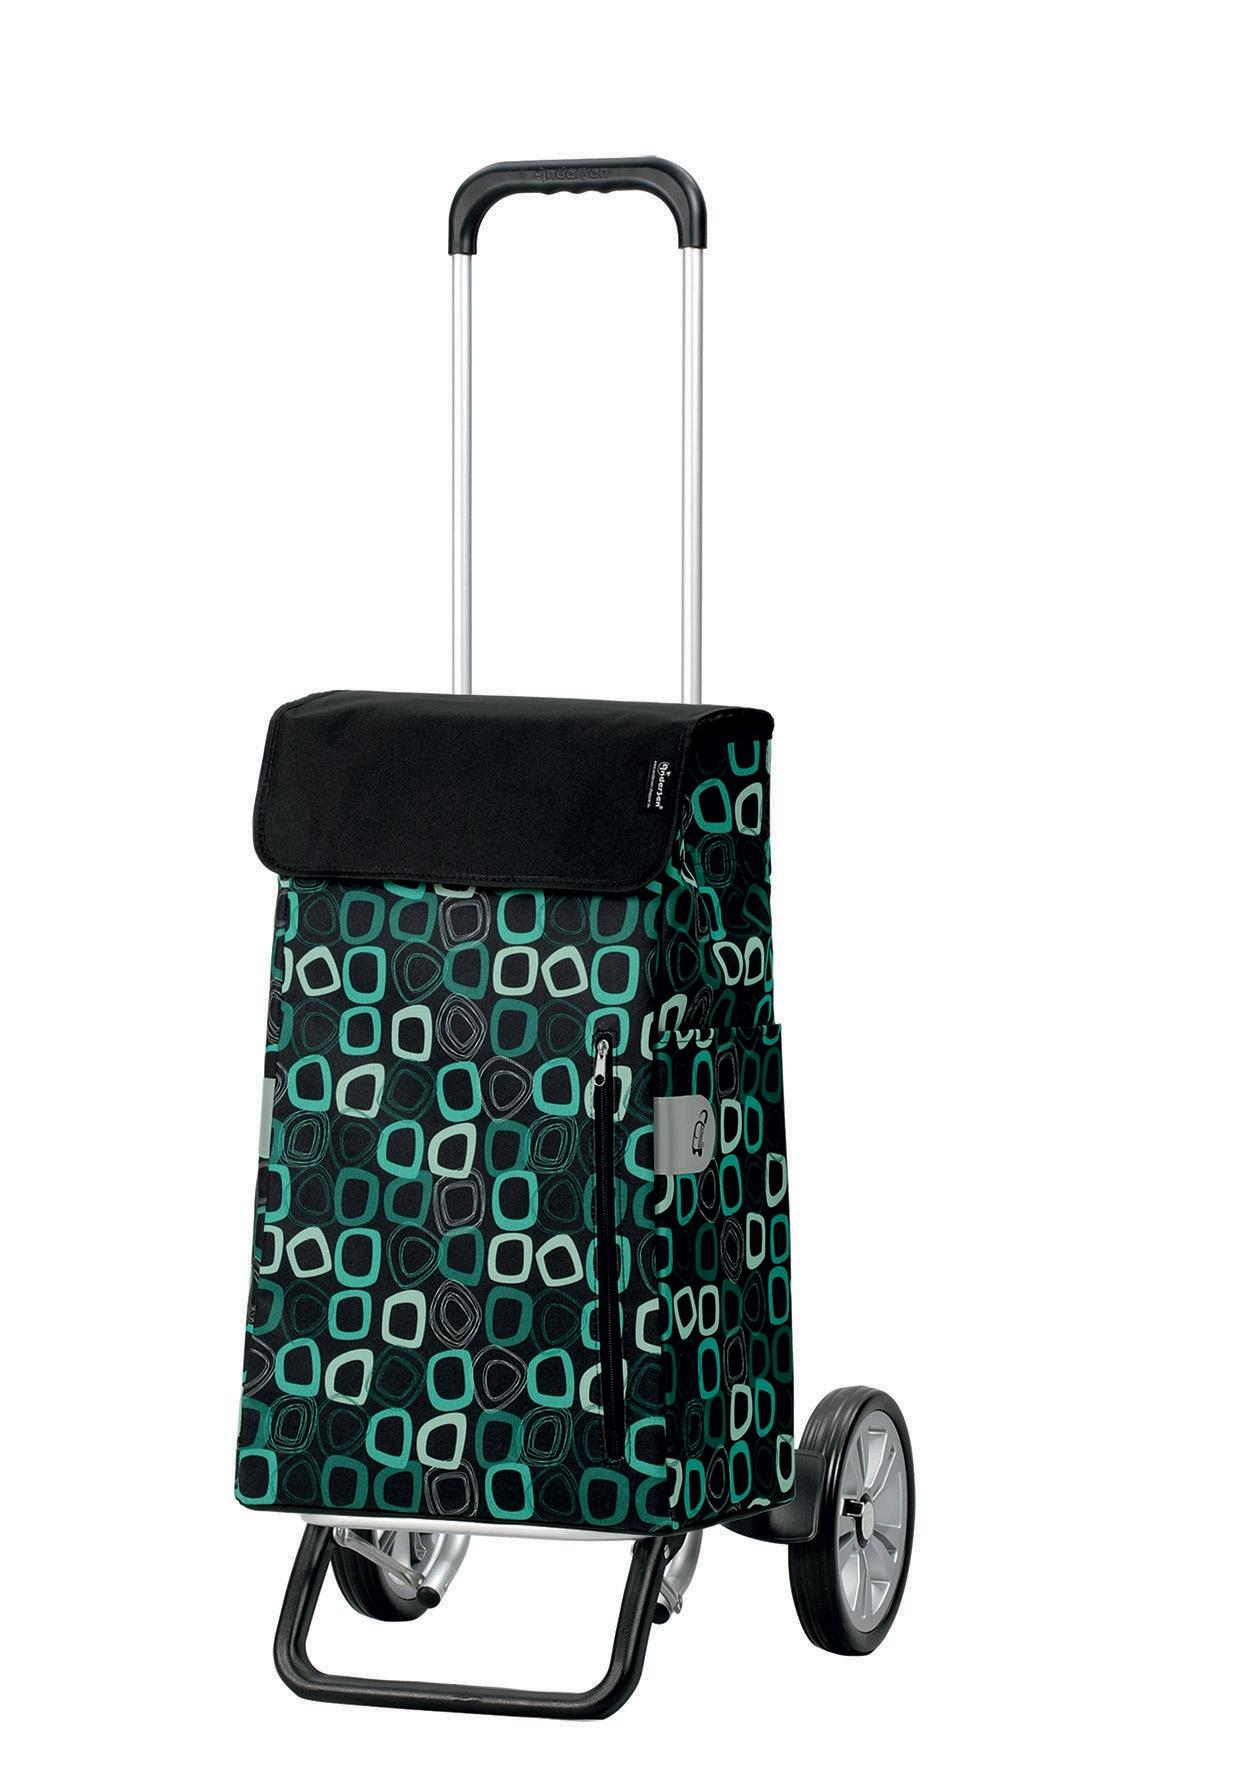 Andersen Einkaufstrolley Alu Star Shopper Tekin, MADE IN GERMANY, 43 Liter | Taschen > Handtaschen > Einkaufstasche | Andersen